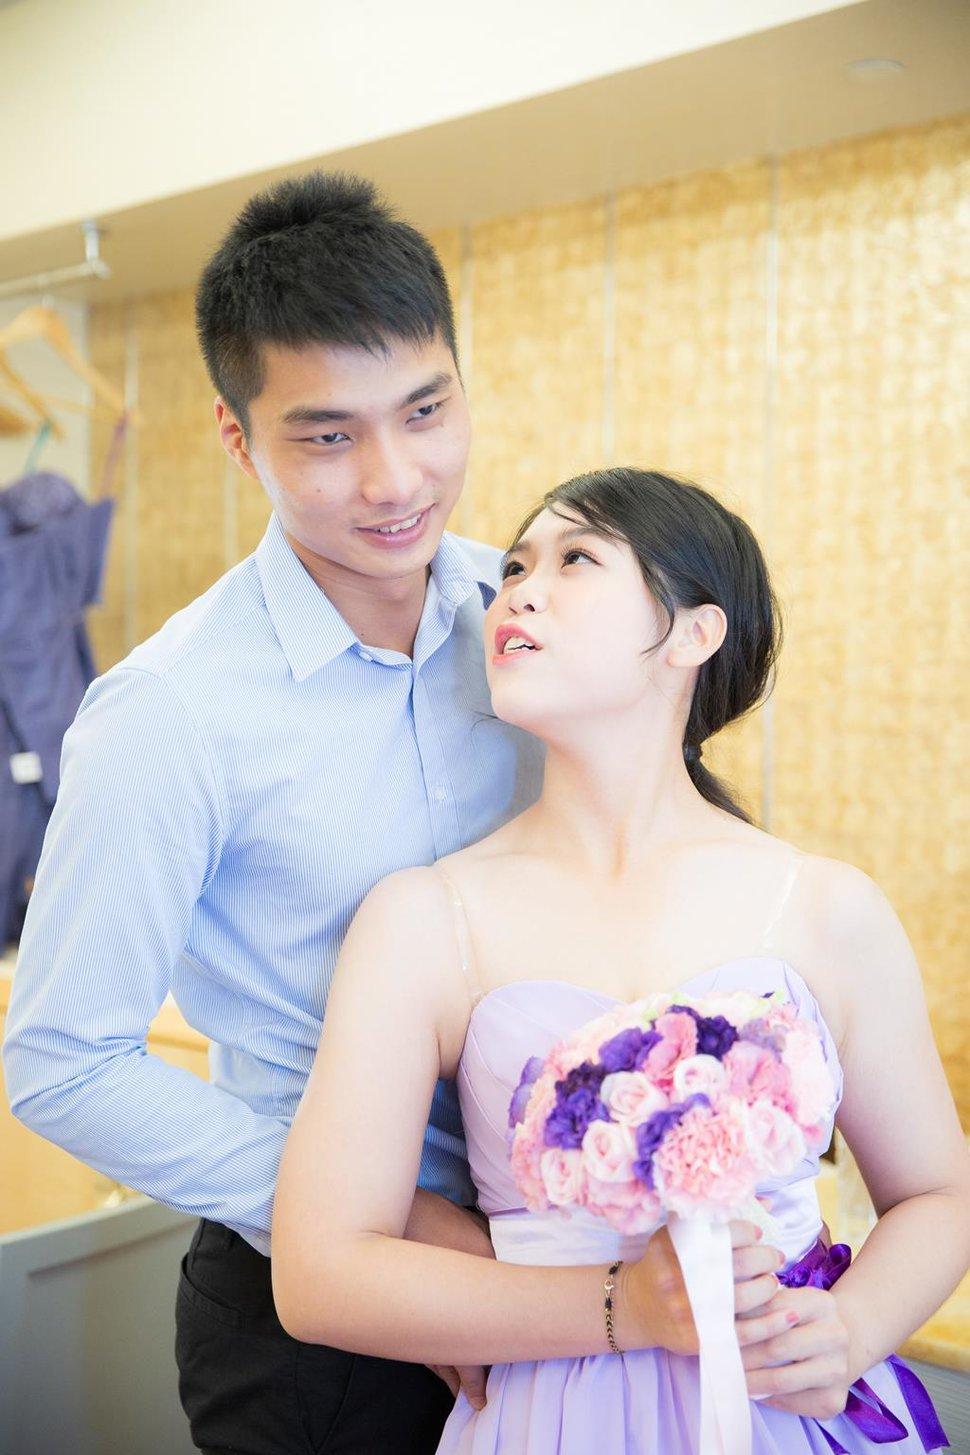 秉鴻&佩瑄記實攝影-426 - Mr. Happiness 幸福先生《結婚吧》